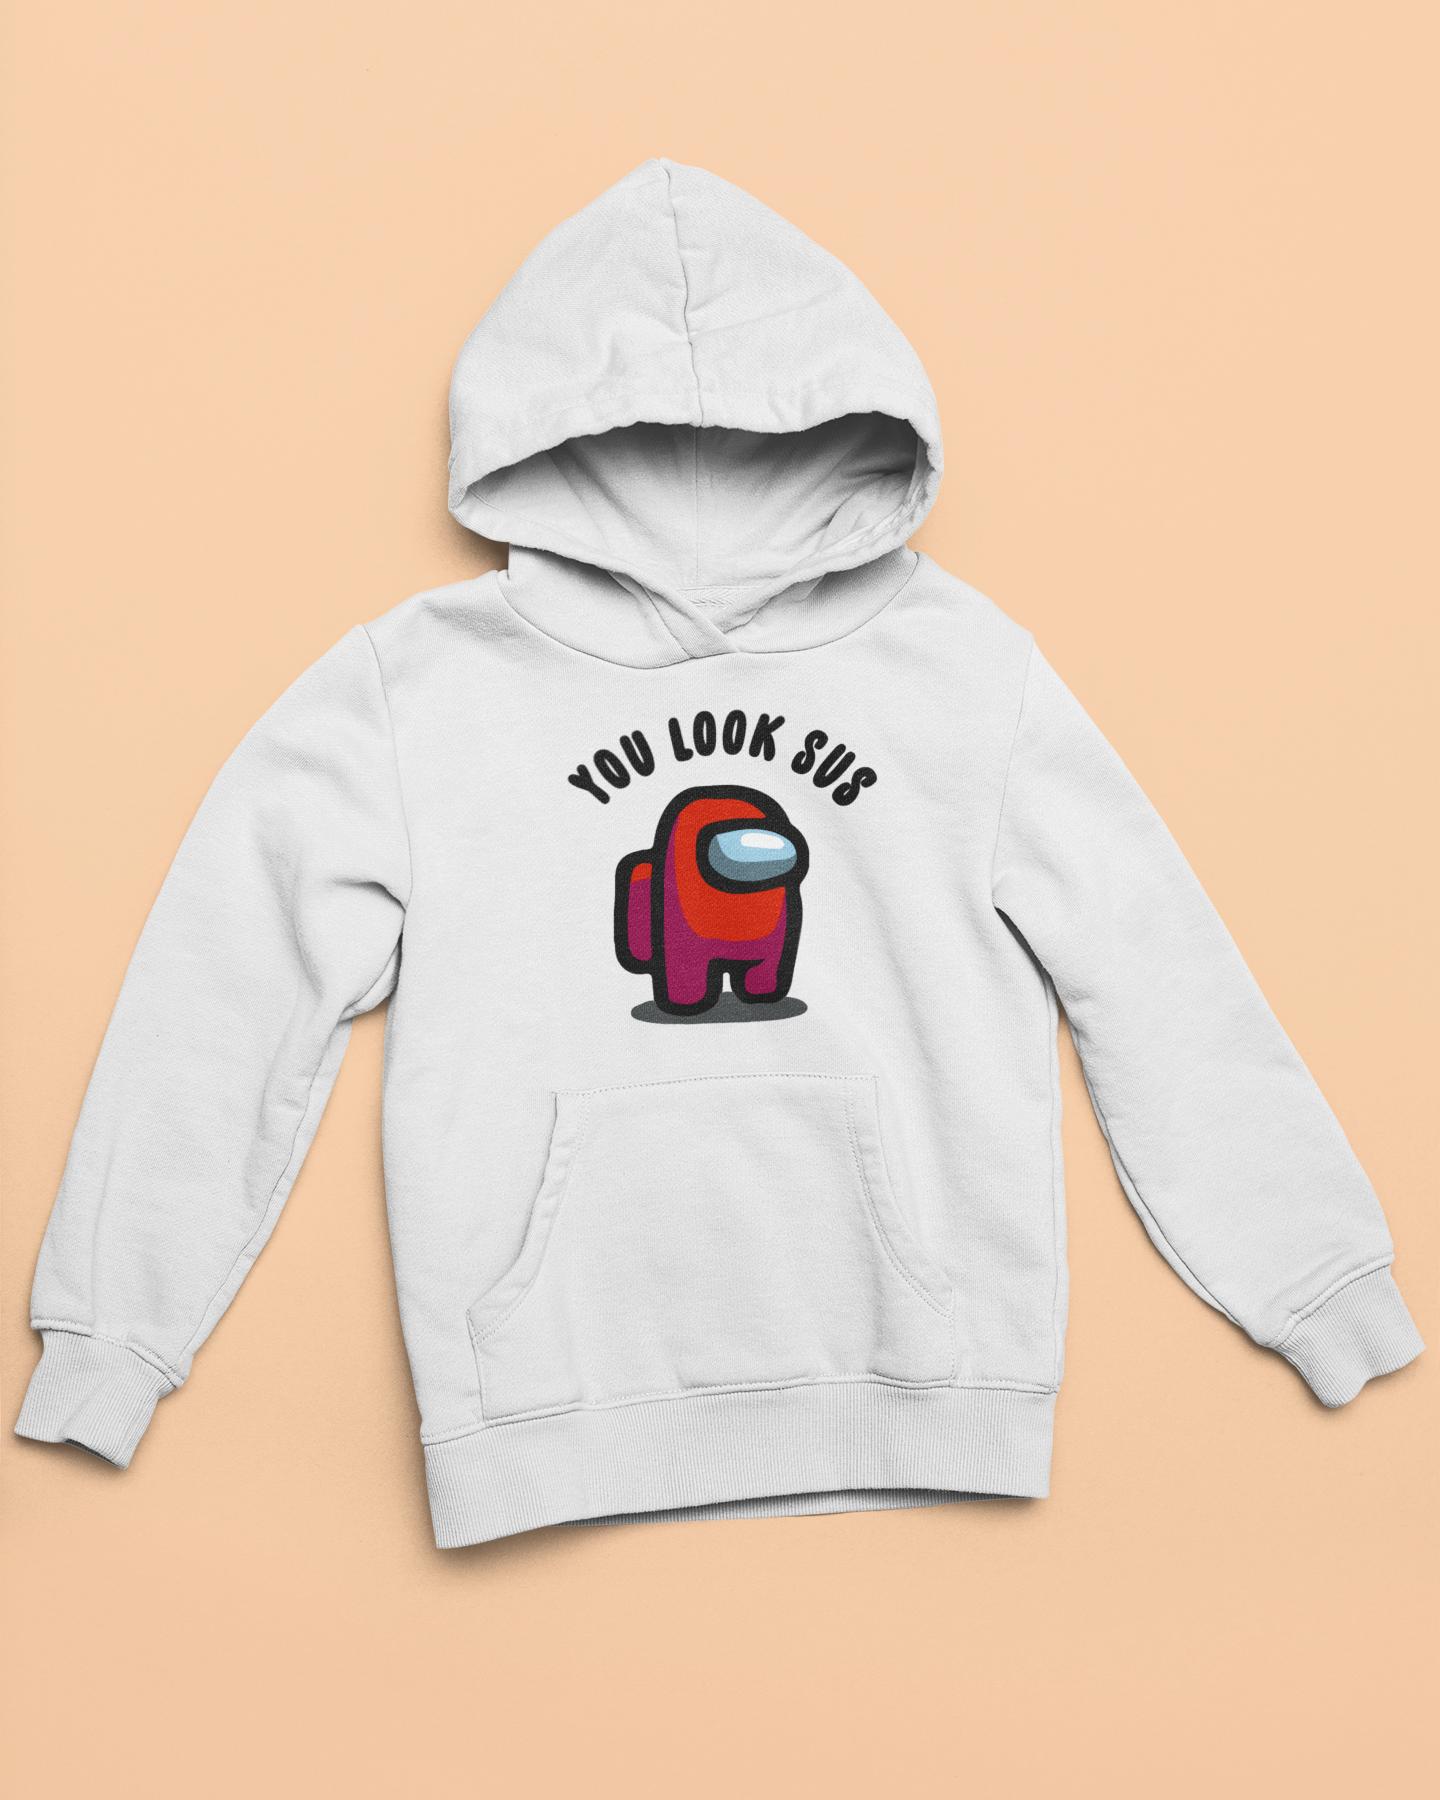 You Look Sus Among Us Meme Hoodie Hoodies Custom Hoodies Shirts